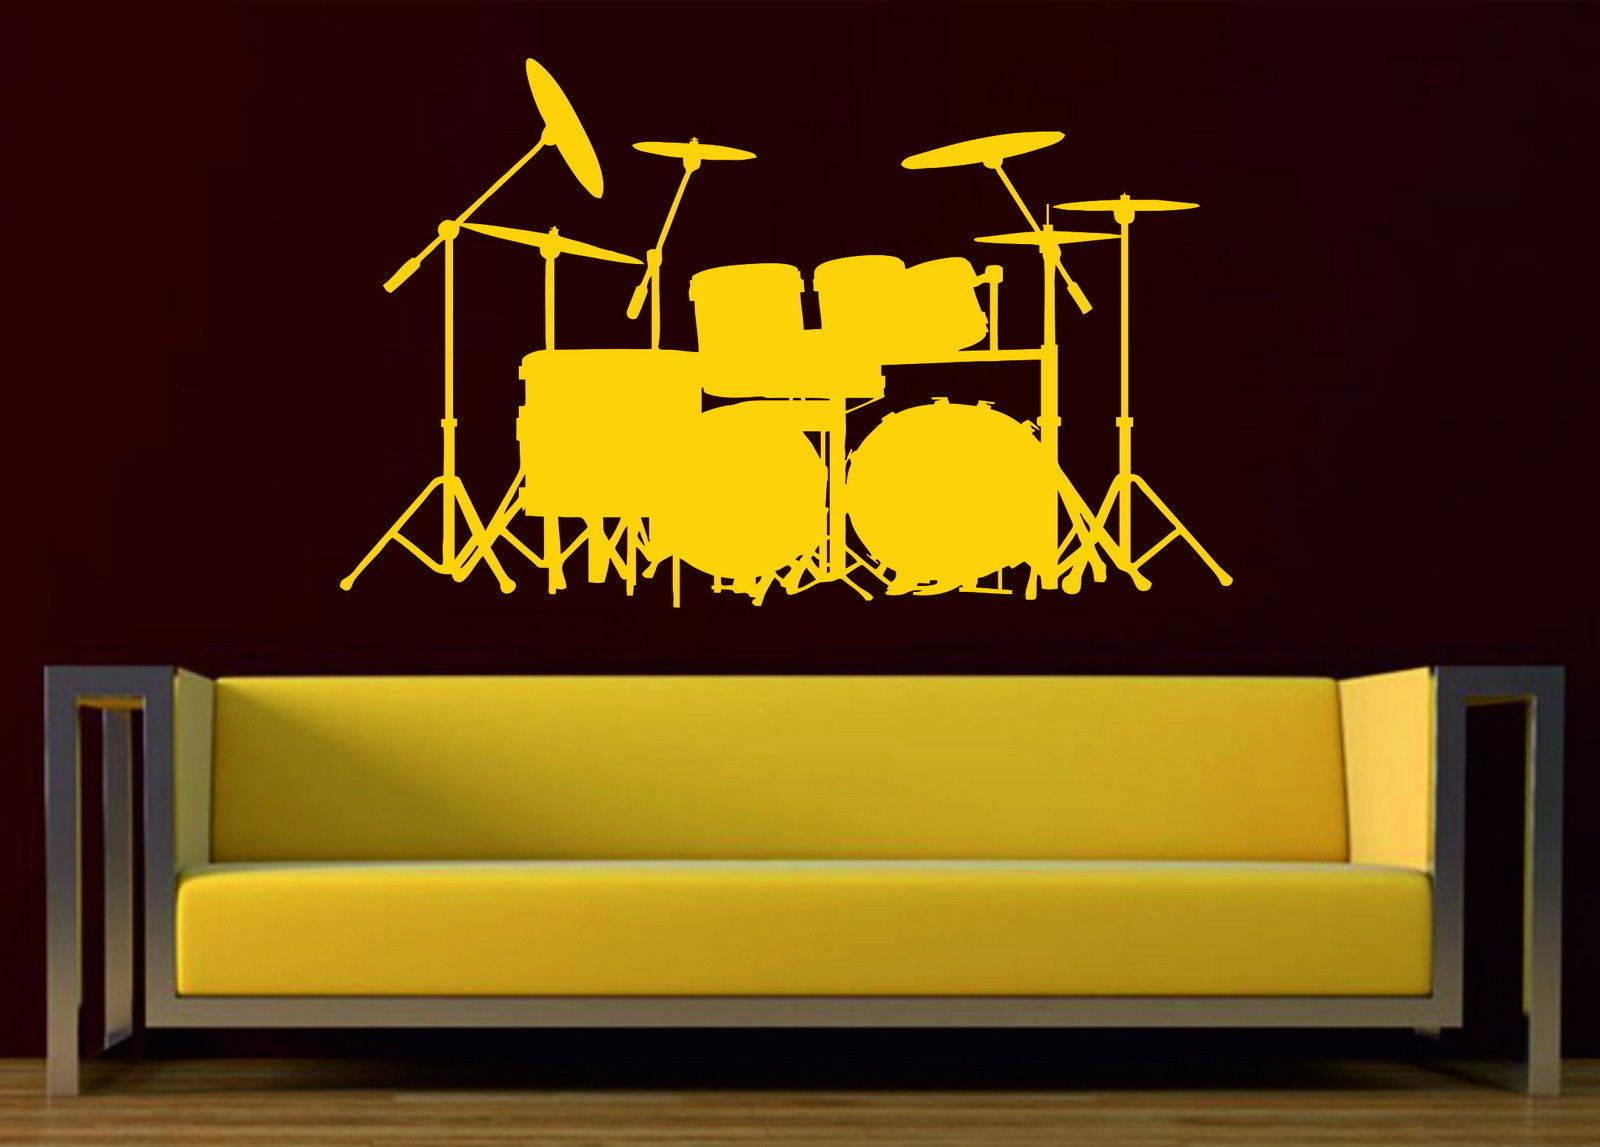 Luxury Drum Set Wall Art Frieze - Art & Wall Decor - hecatalog.info